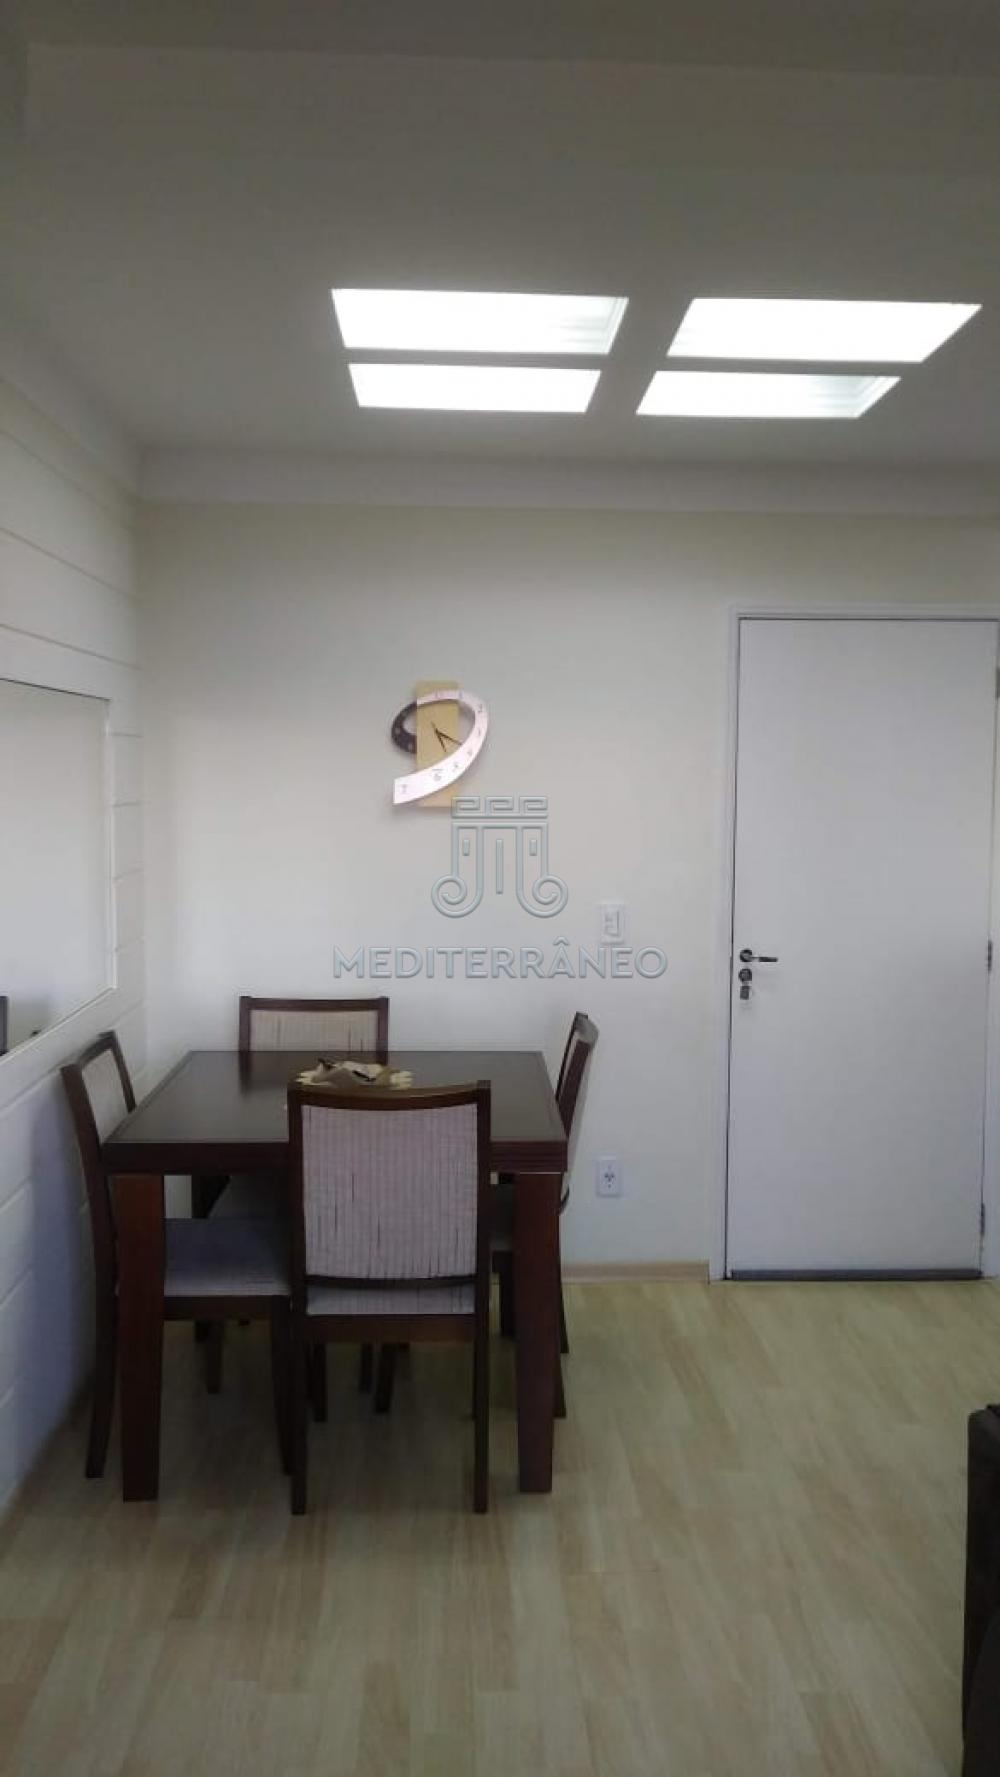 Comprar Apartamento / Padrão em Jundiaí apenas R$ 292.000,00 - Foto 4